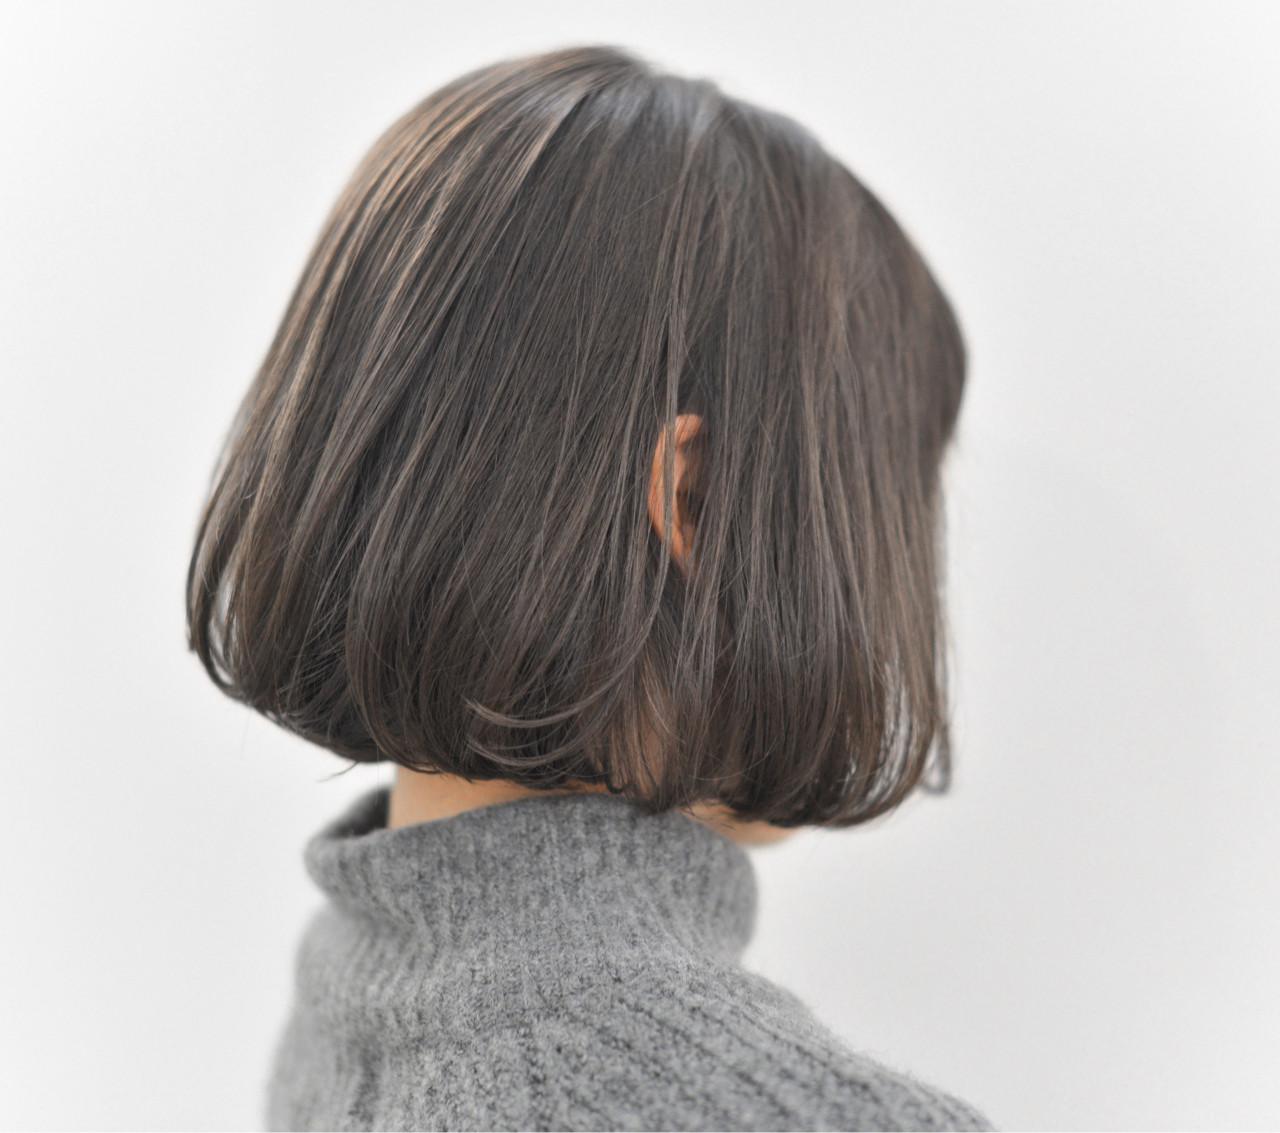 ボブ アッシュ 冬 外国人風 ヘアスタイルや髪型の写真・画像